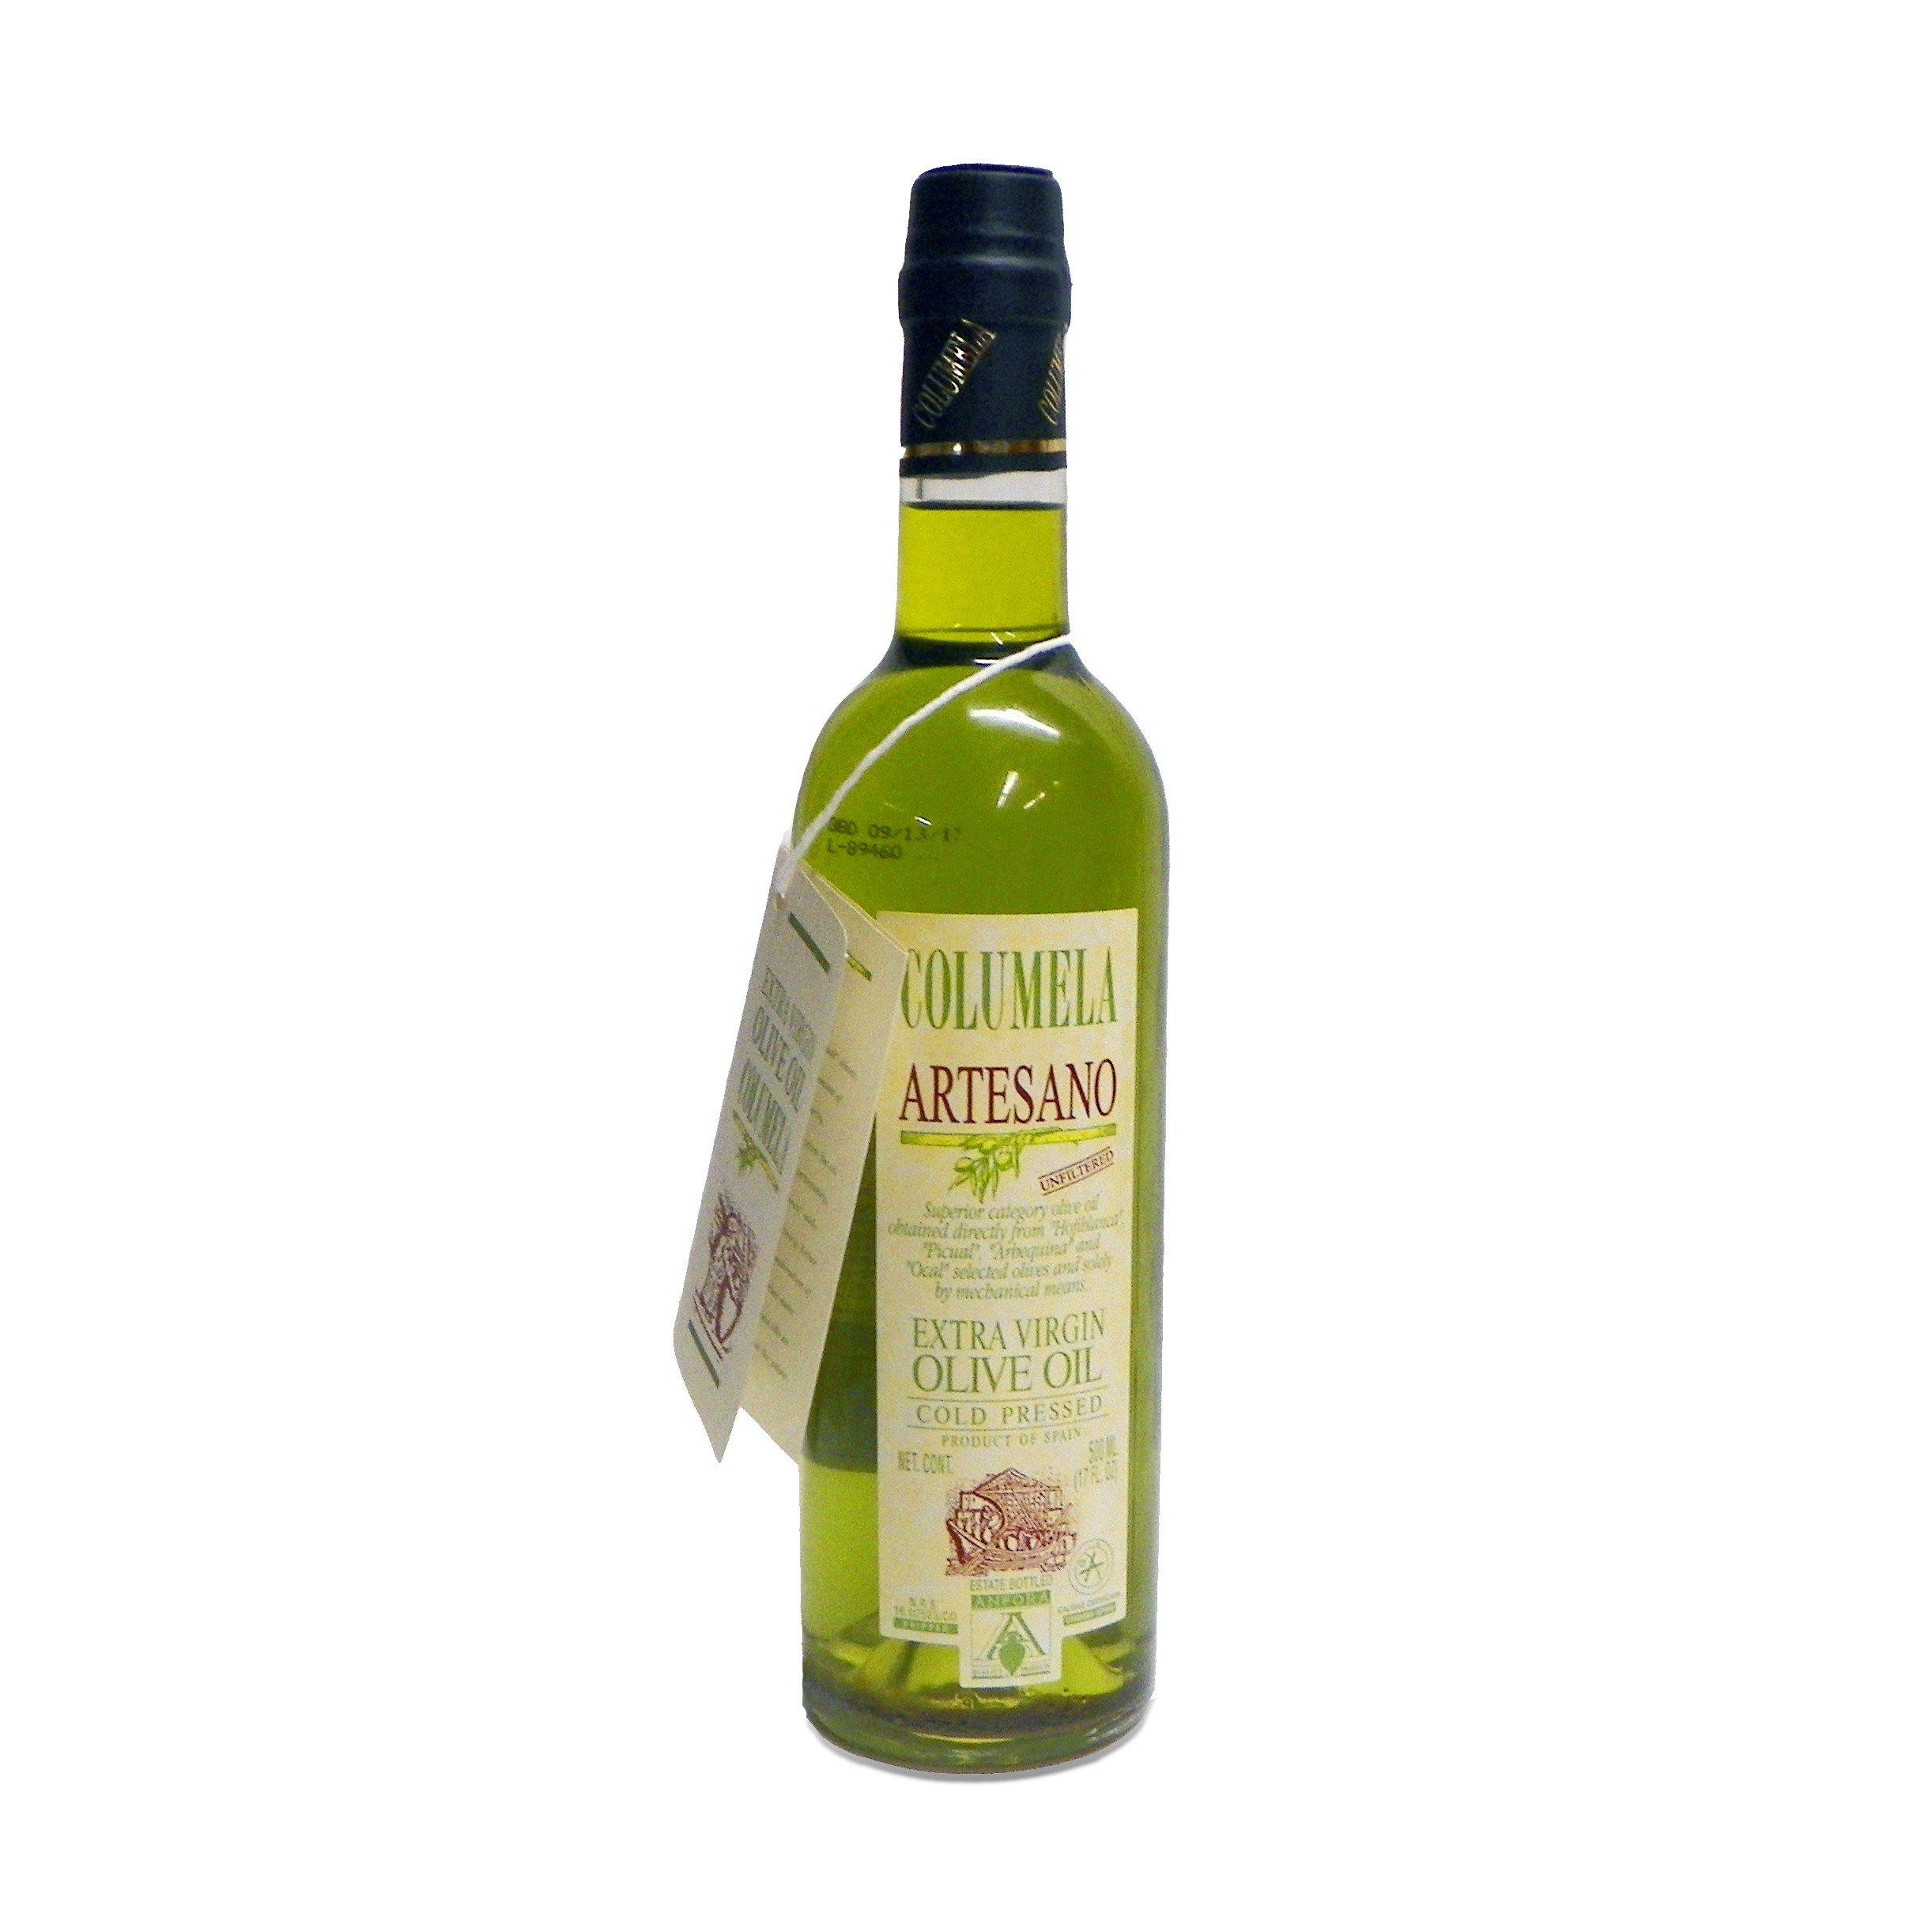 Columela Artesano Unfiltered Cold Pressed Extra Virgin Olive Oil, 17oz